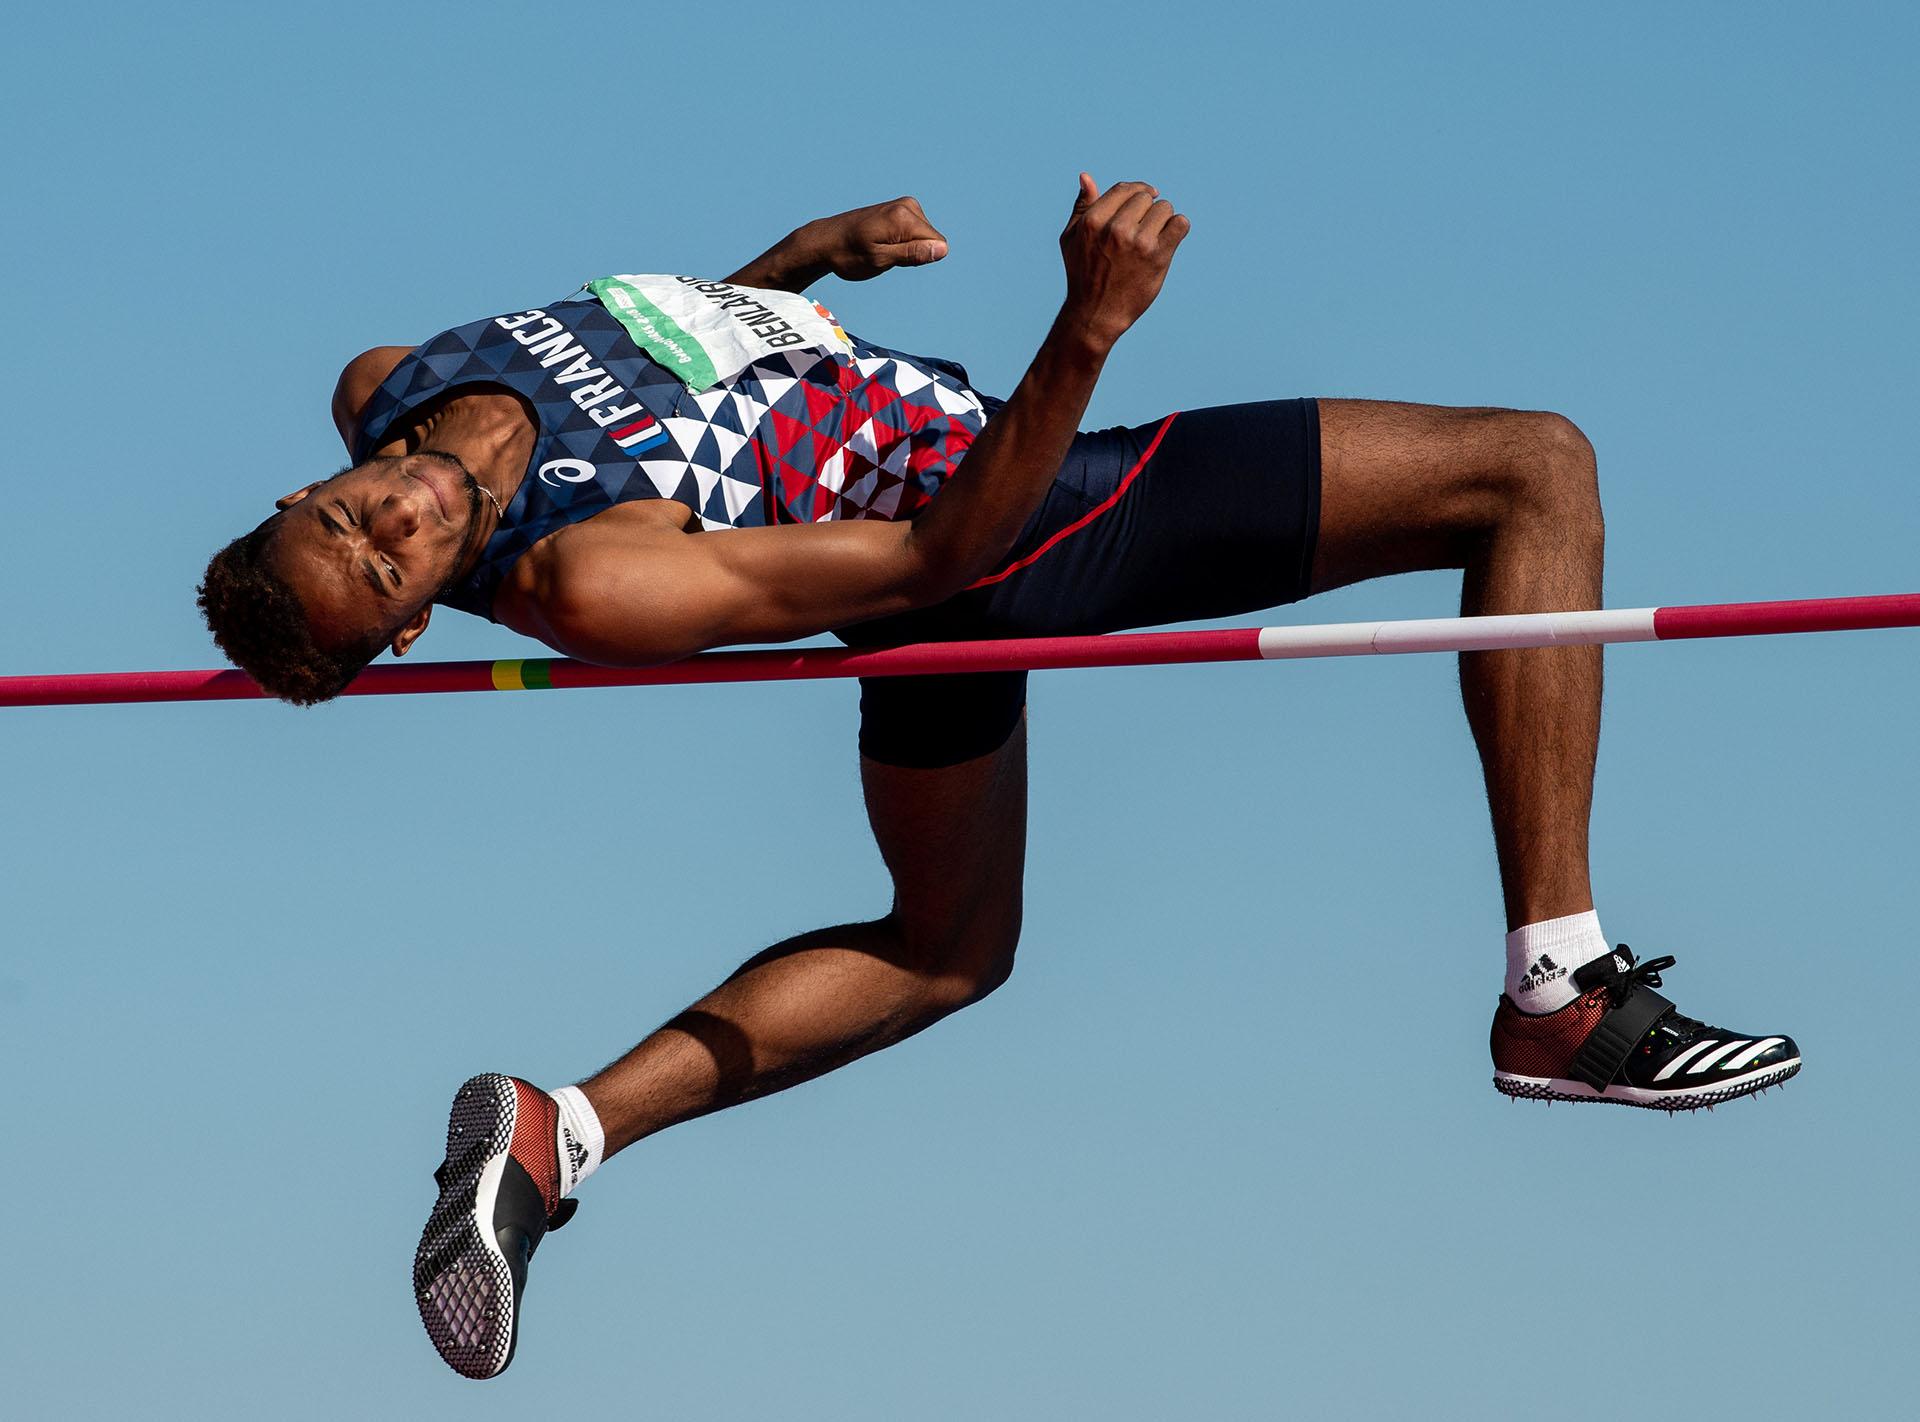 El francés Mohammed-Ali Benlahbib realiza uno de sus saltos(Reuters)